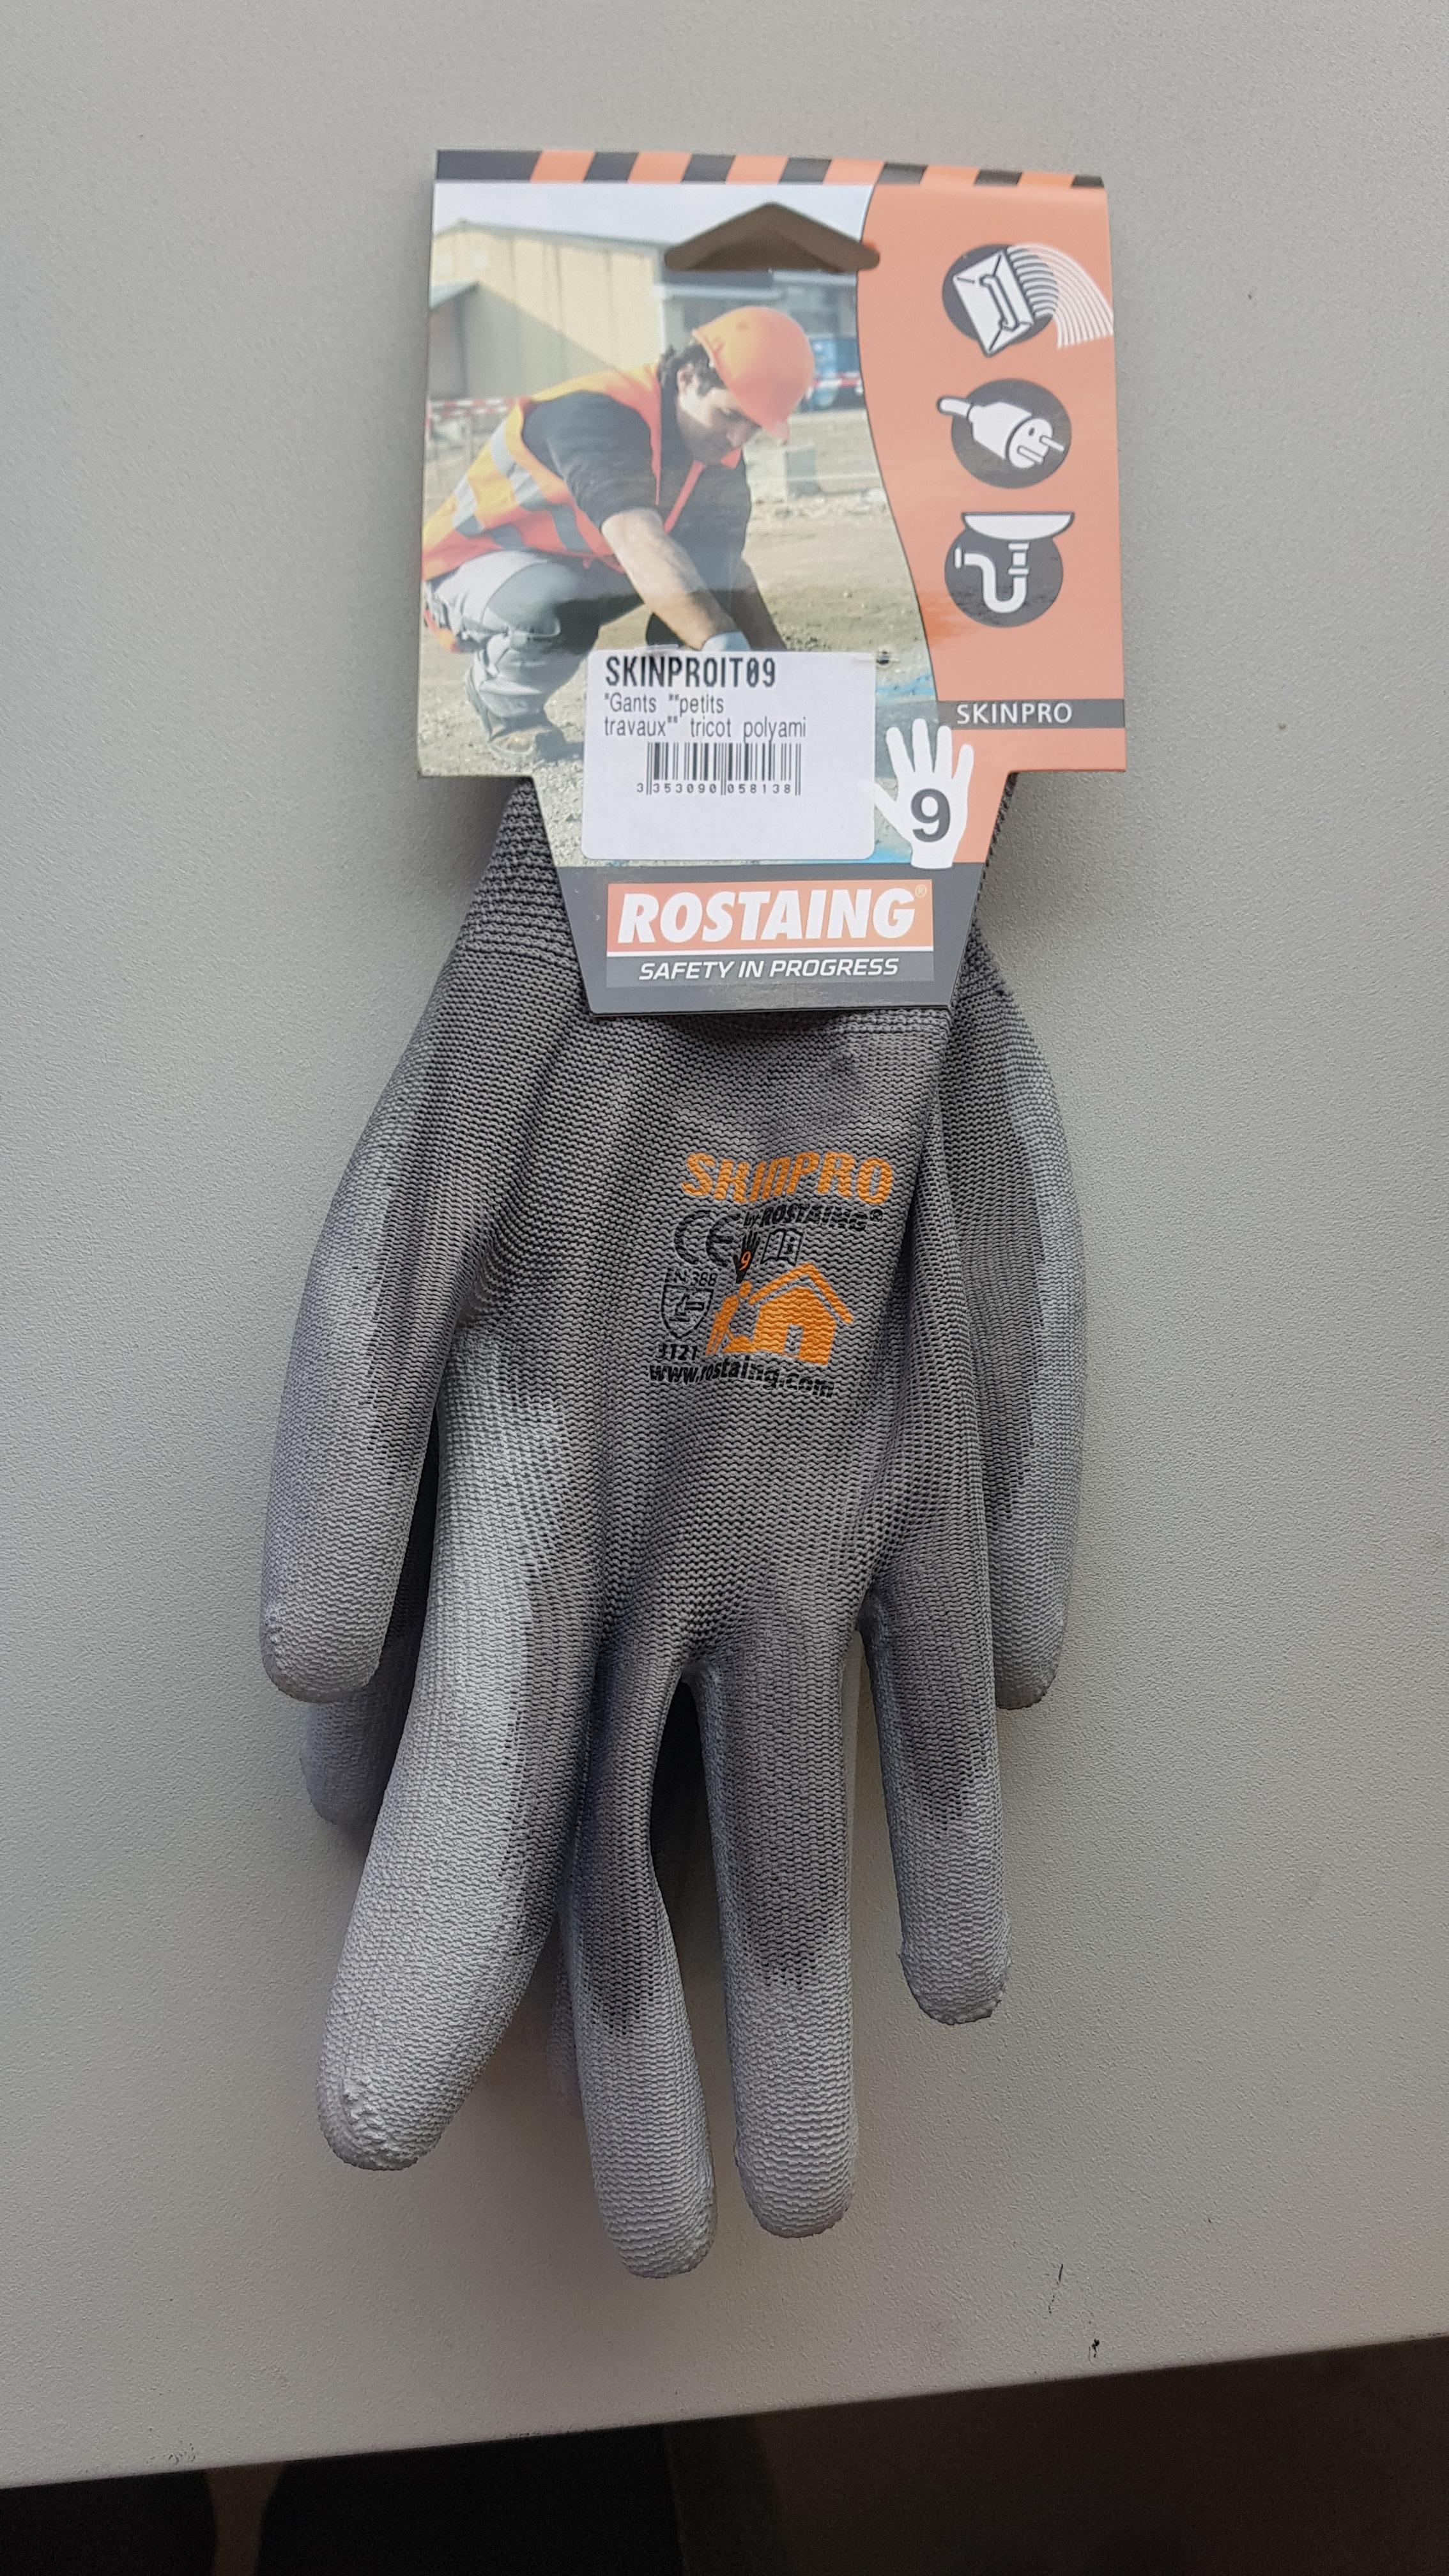 Travailler avec sécurité grâce aux gants ROSTAING